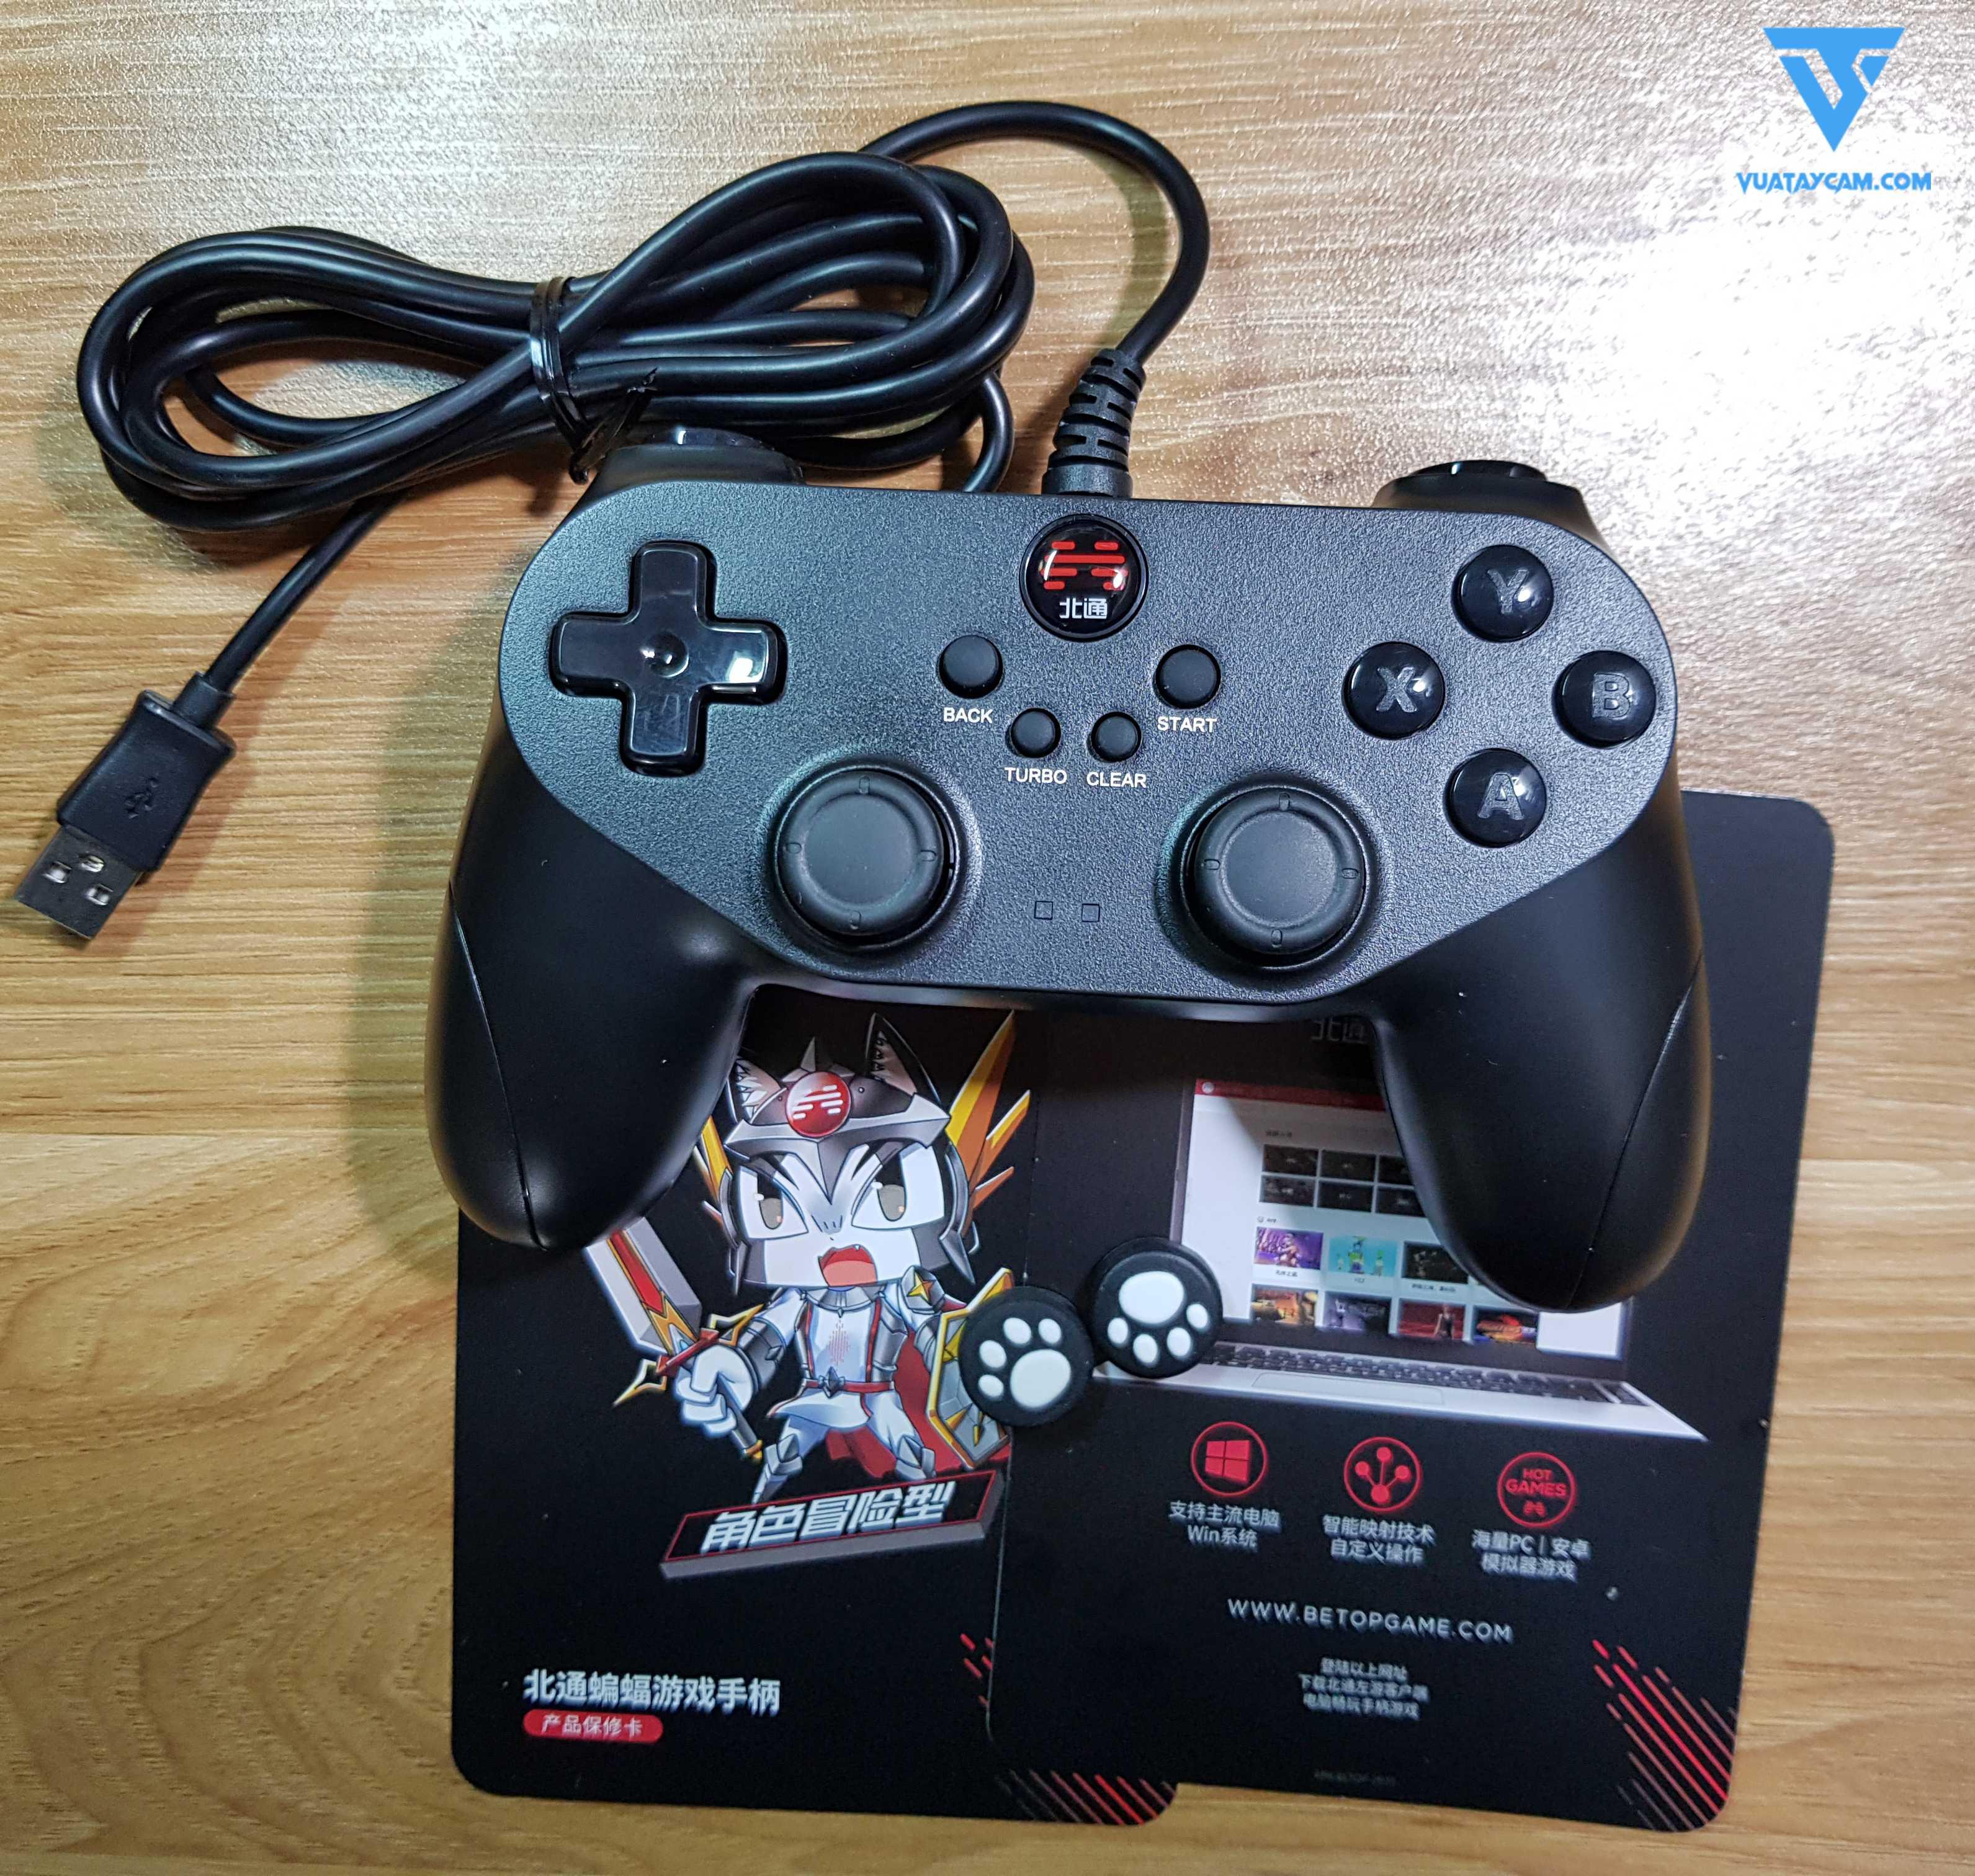 https://api.vuataycam.com/file/1602868355446-487623663-Tay-cam-choi-game-betop-2.jpg